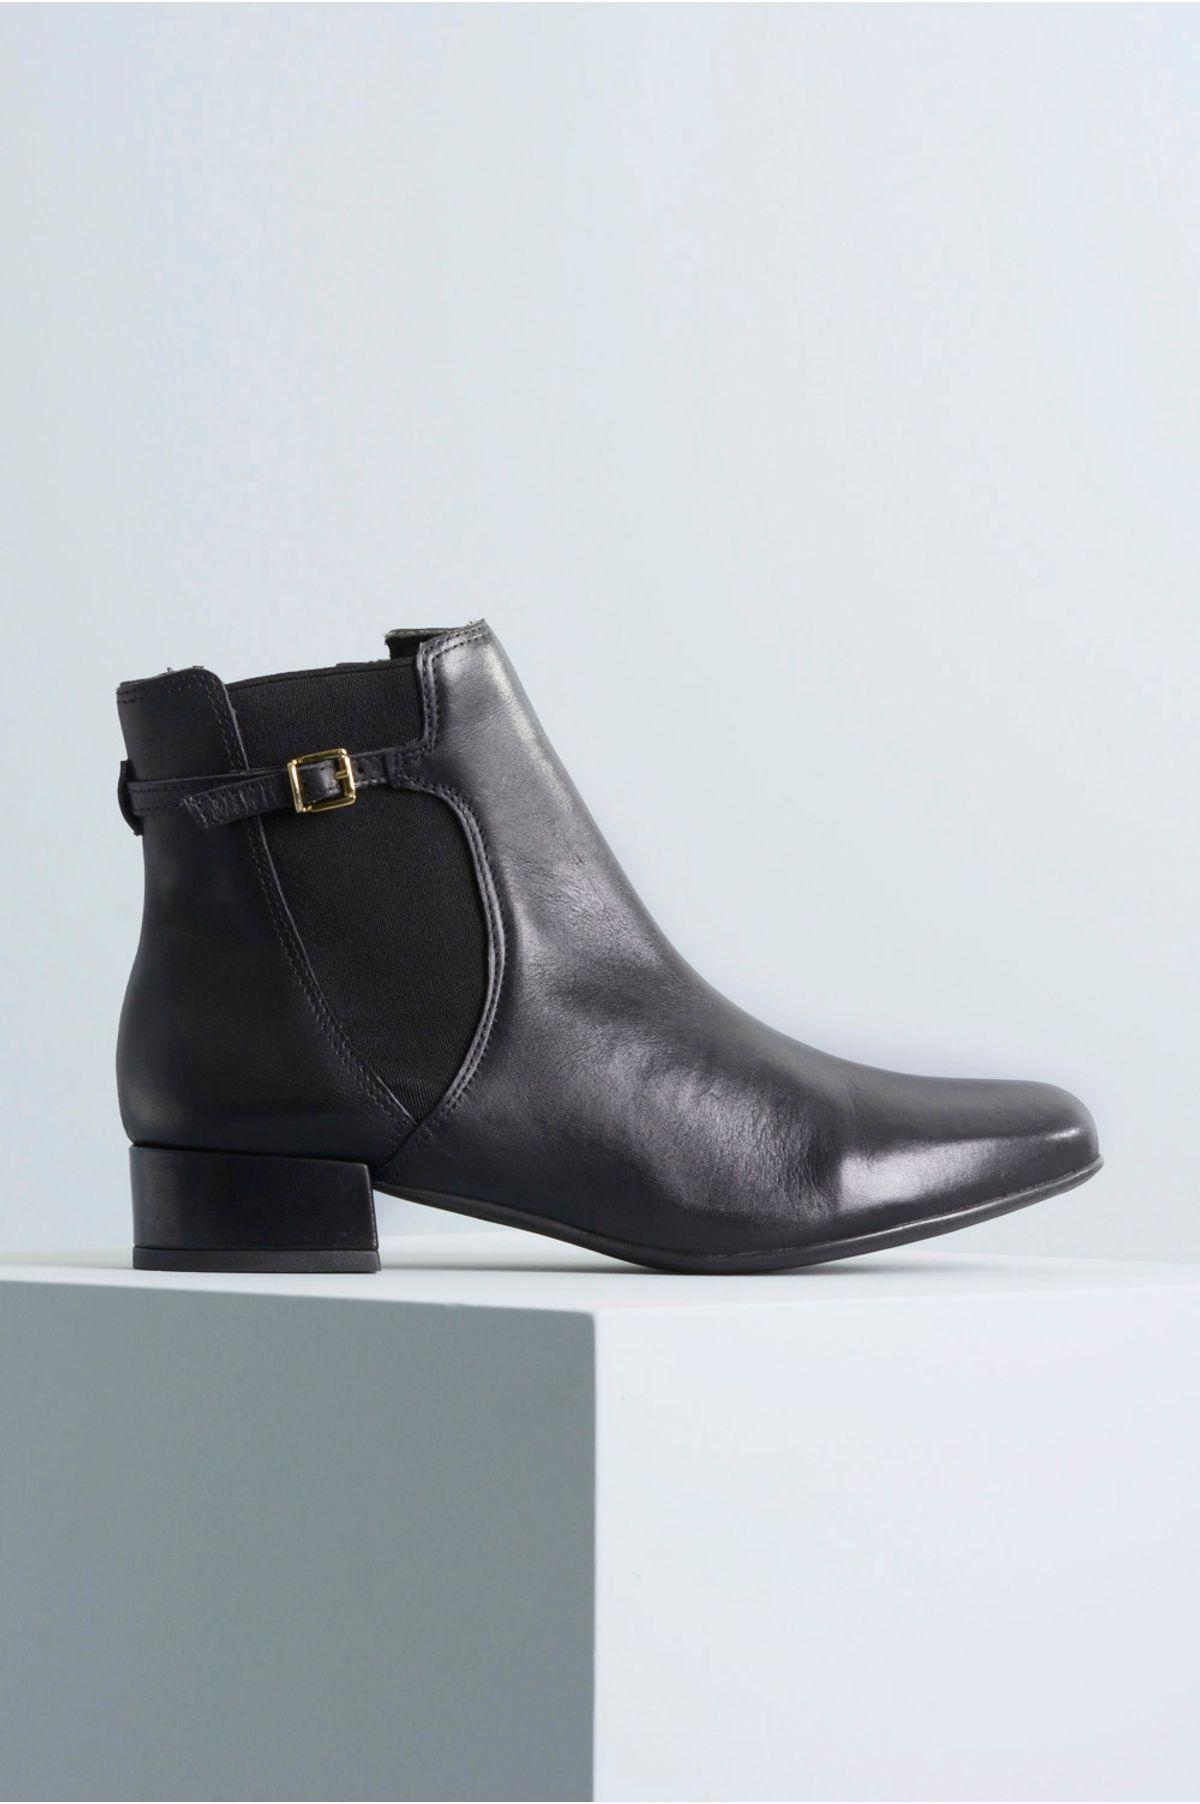 1fa1ca9d5784e Ankle Boot Salto Baixo Shyha Mundial CR-PRETO - Mundial Calçados